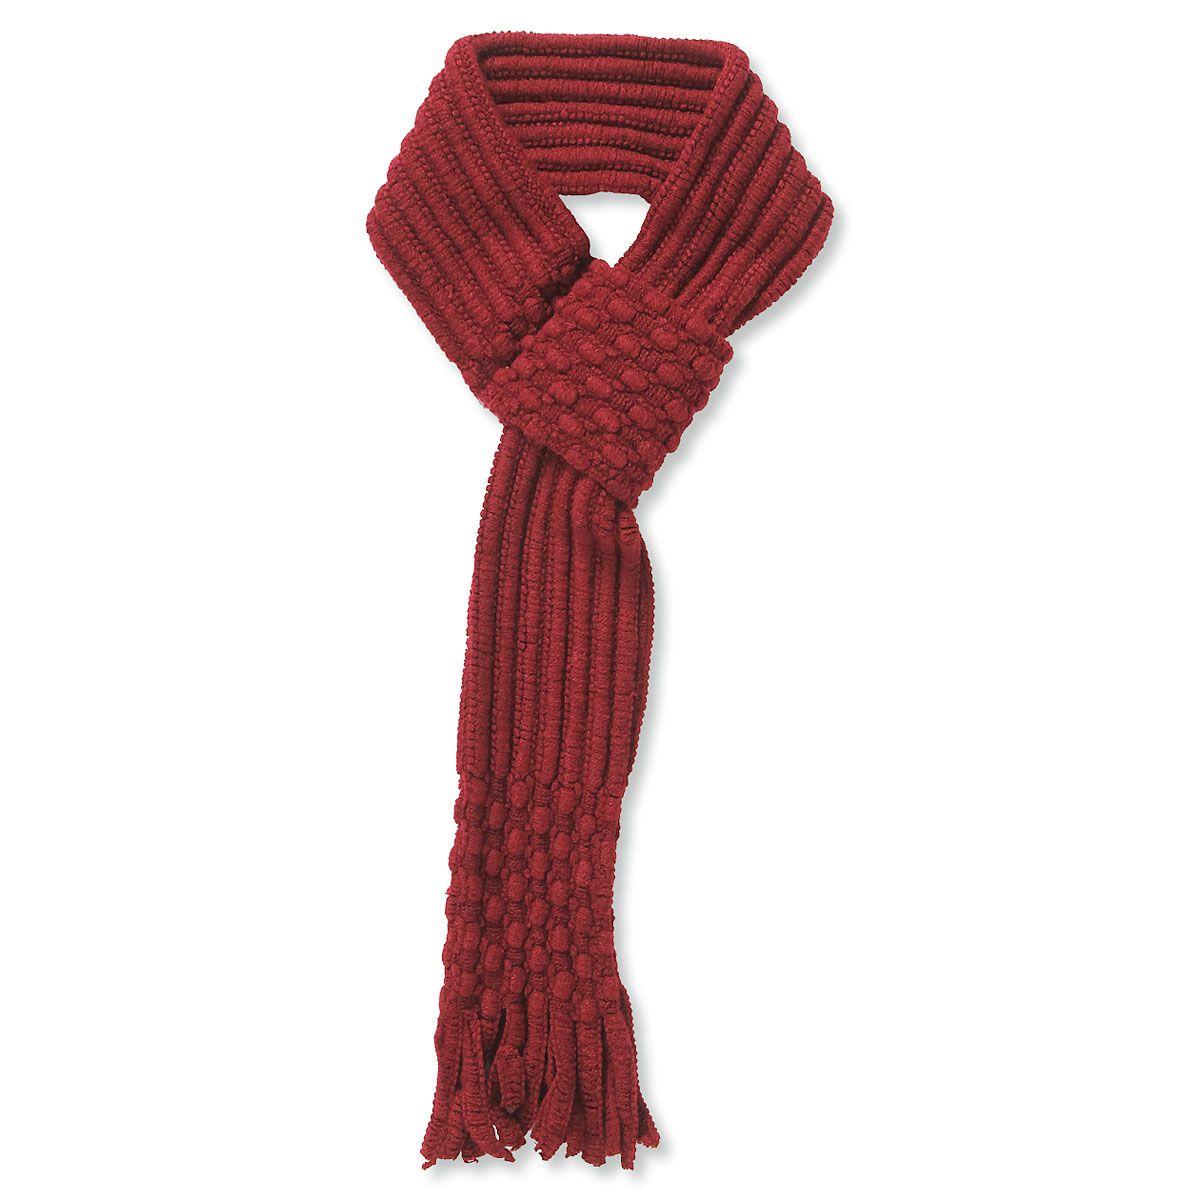 Pull Through Knit Scarf - Burgundy